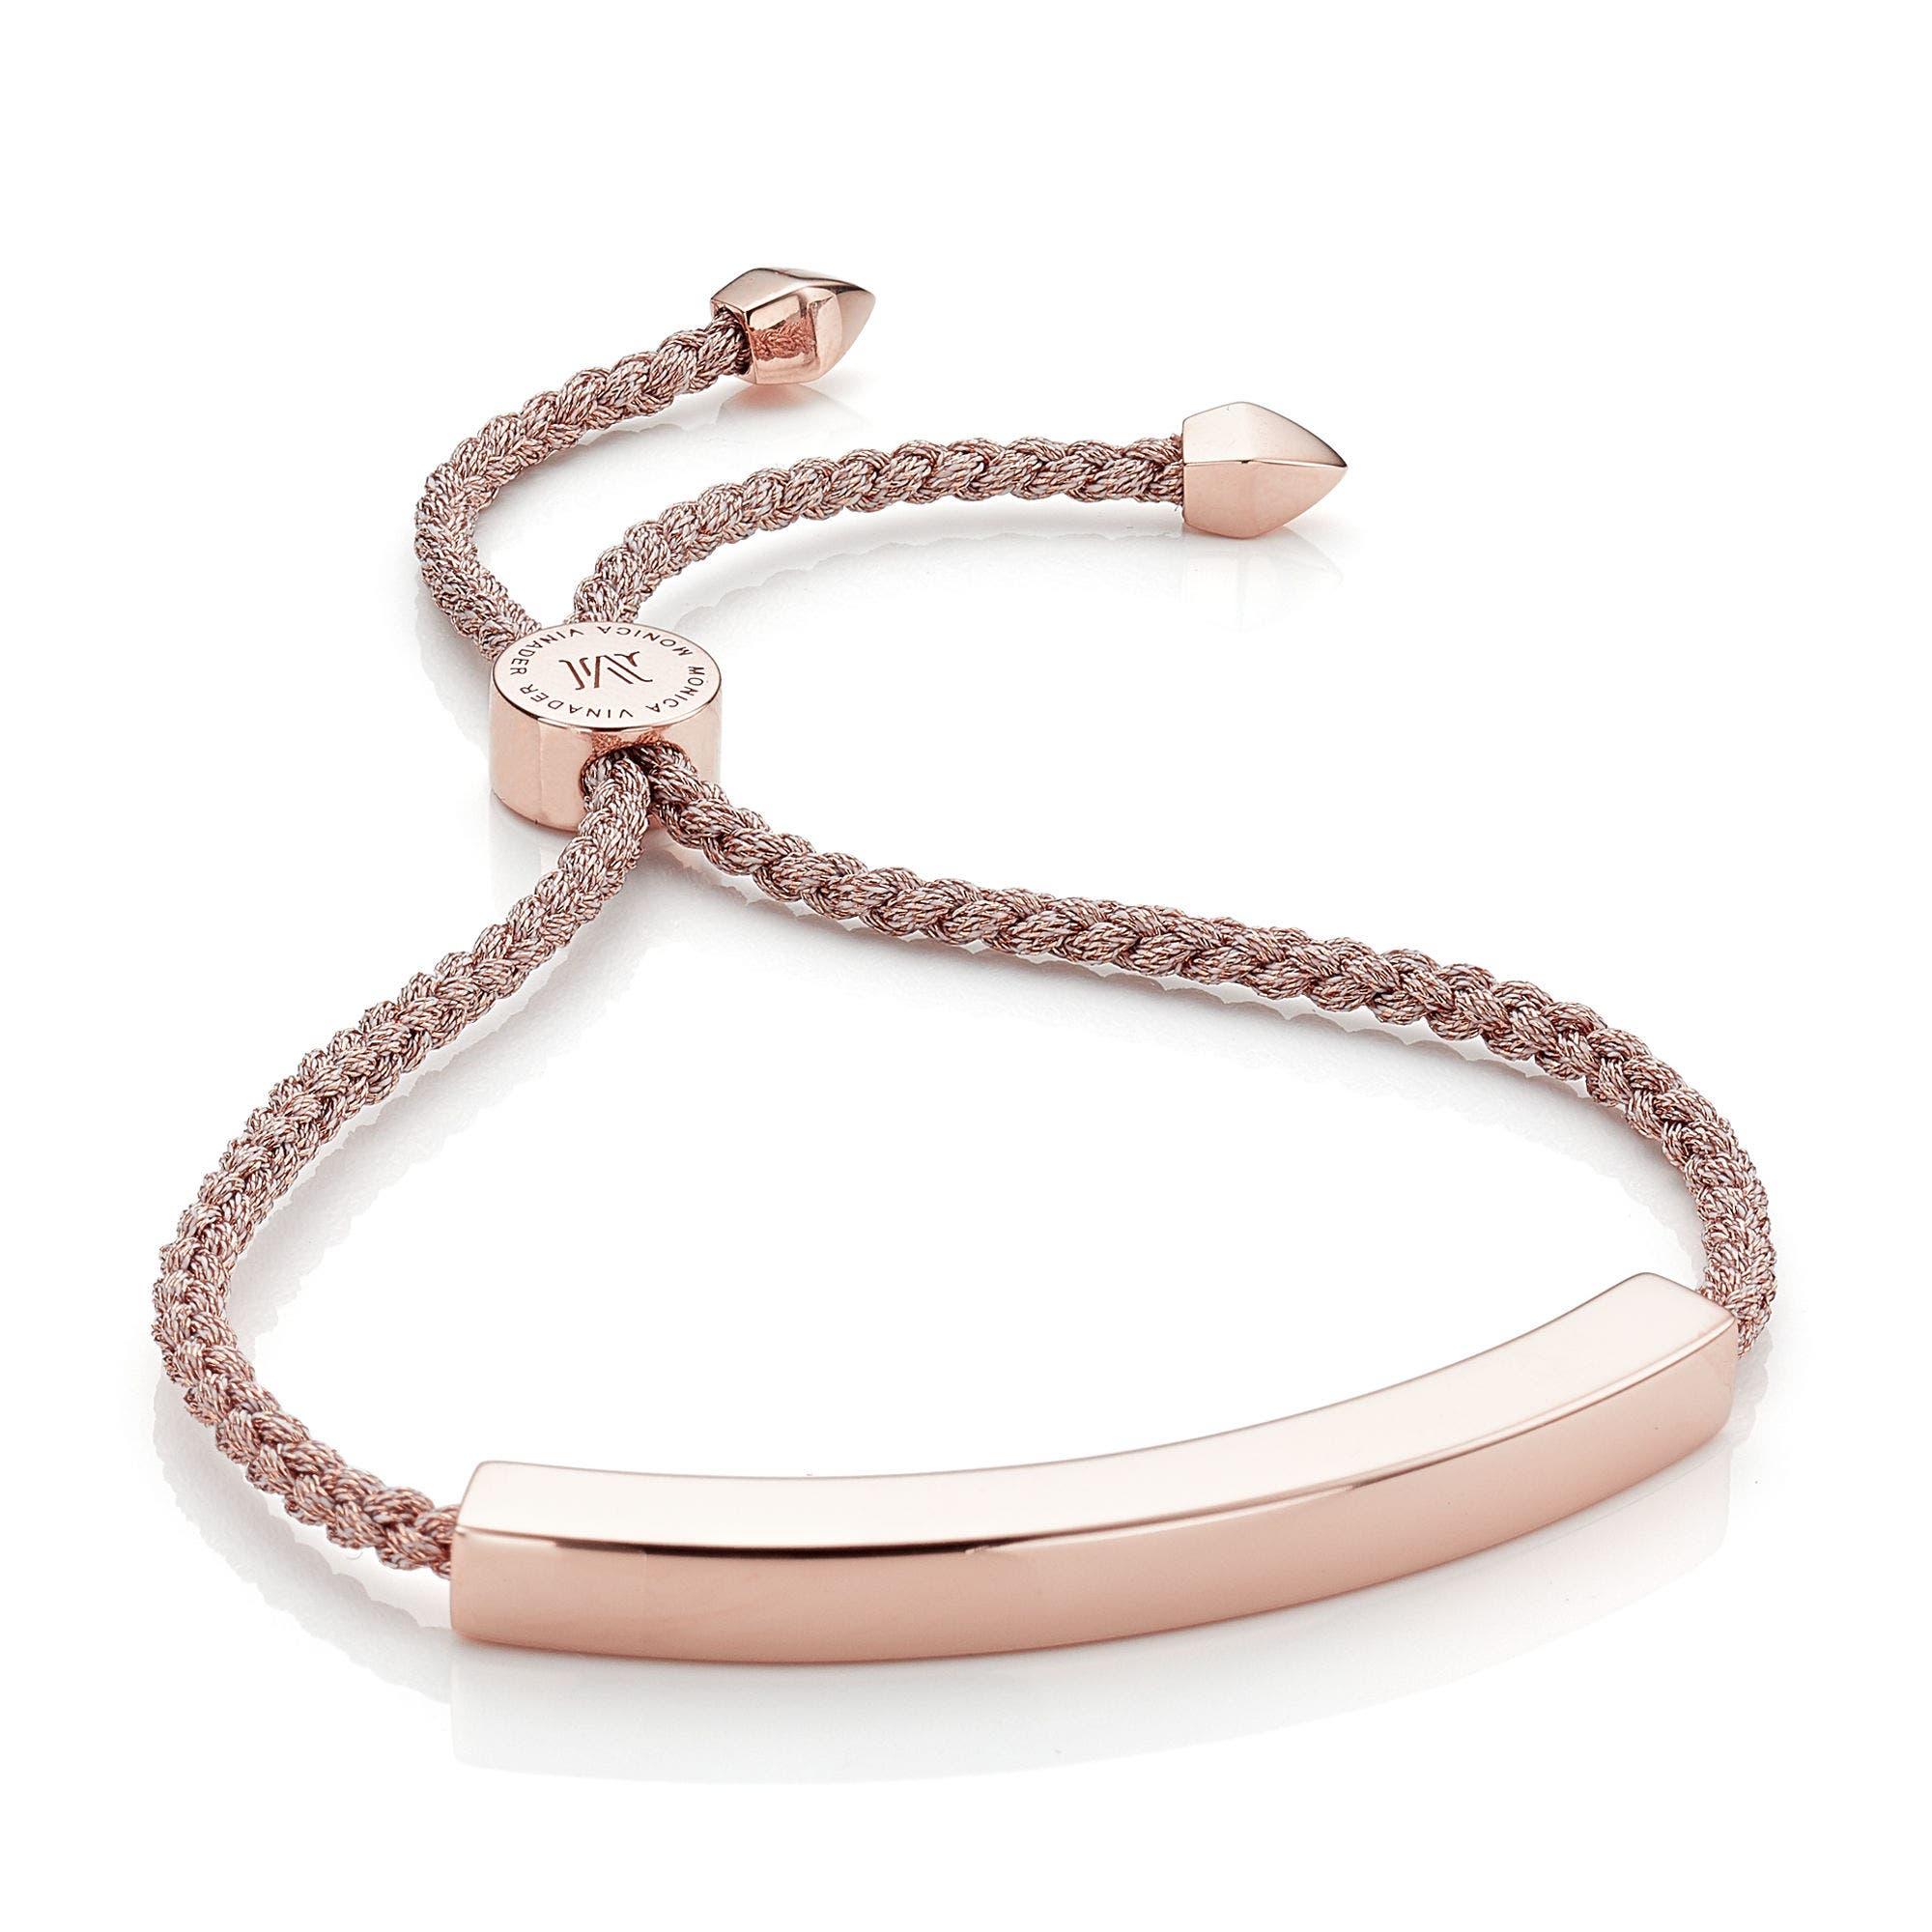 Engravable Large Linear Friendship Bracelet,                         Main,                         color, METALLIC/ ROSE GOLD